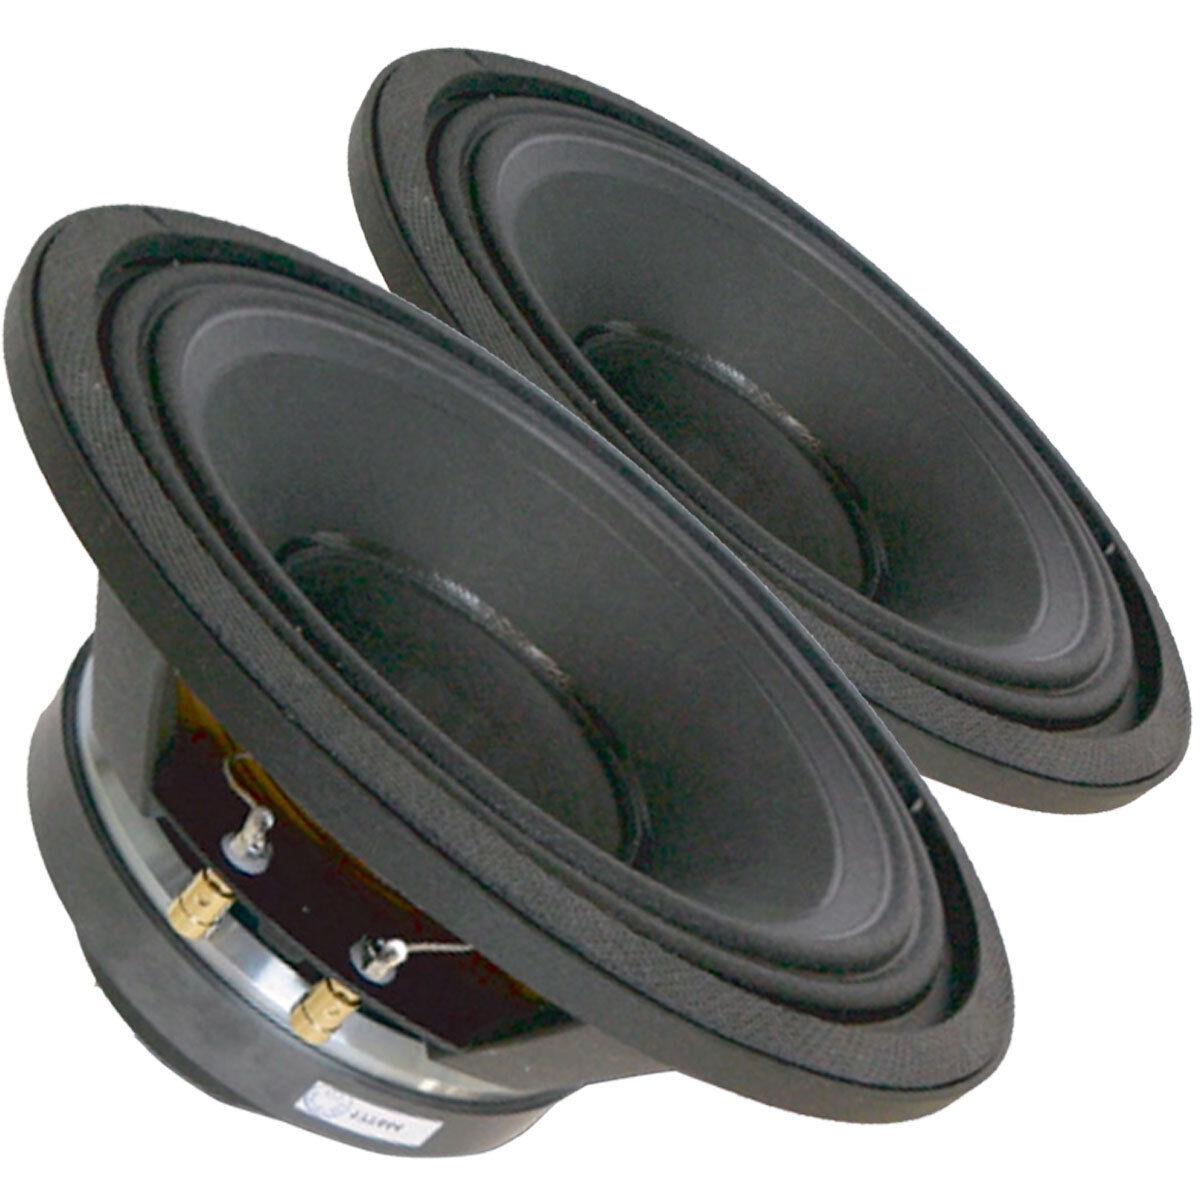 Par de altavoces altavoces altavoces coaxiales de rango completo y Radian 5210 2-Way 10  16 Ohm 375 W Reemplazo  productos creativos